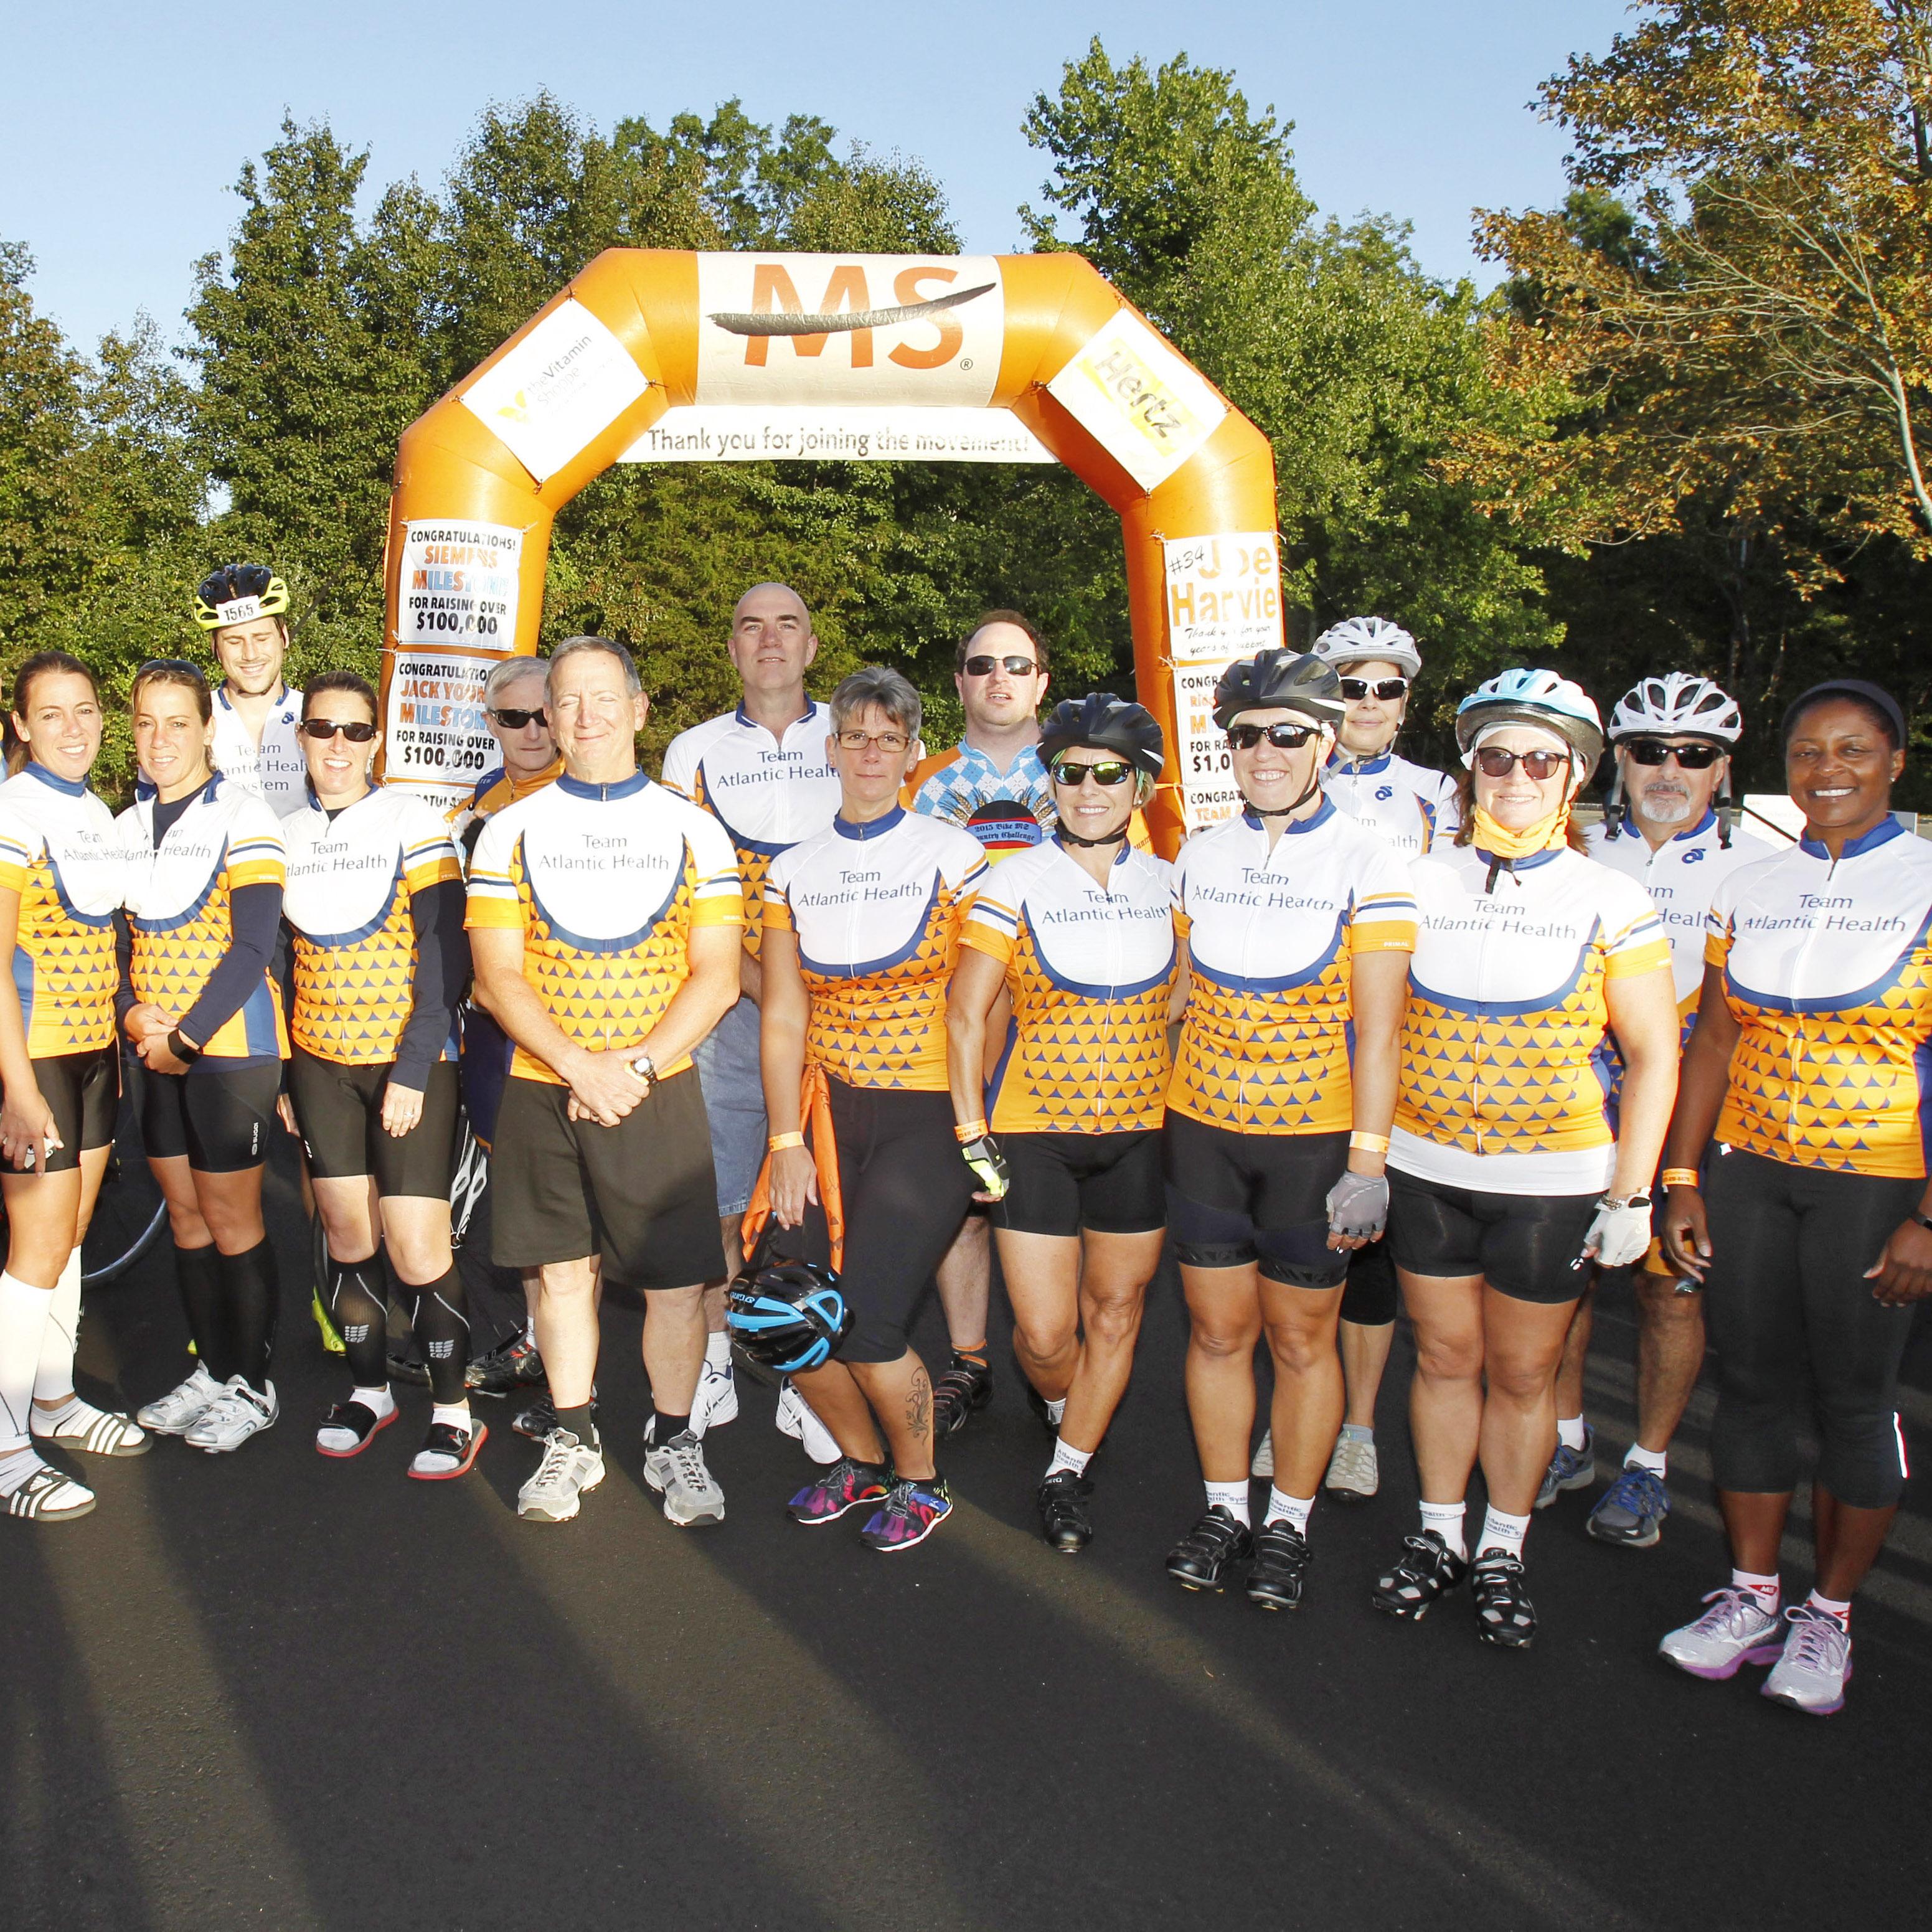 MS-Bike-Ride-Team-AHS